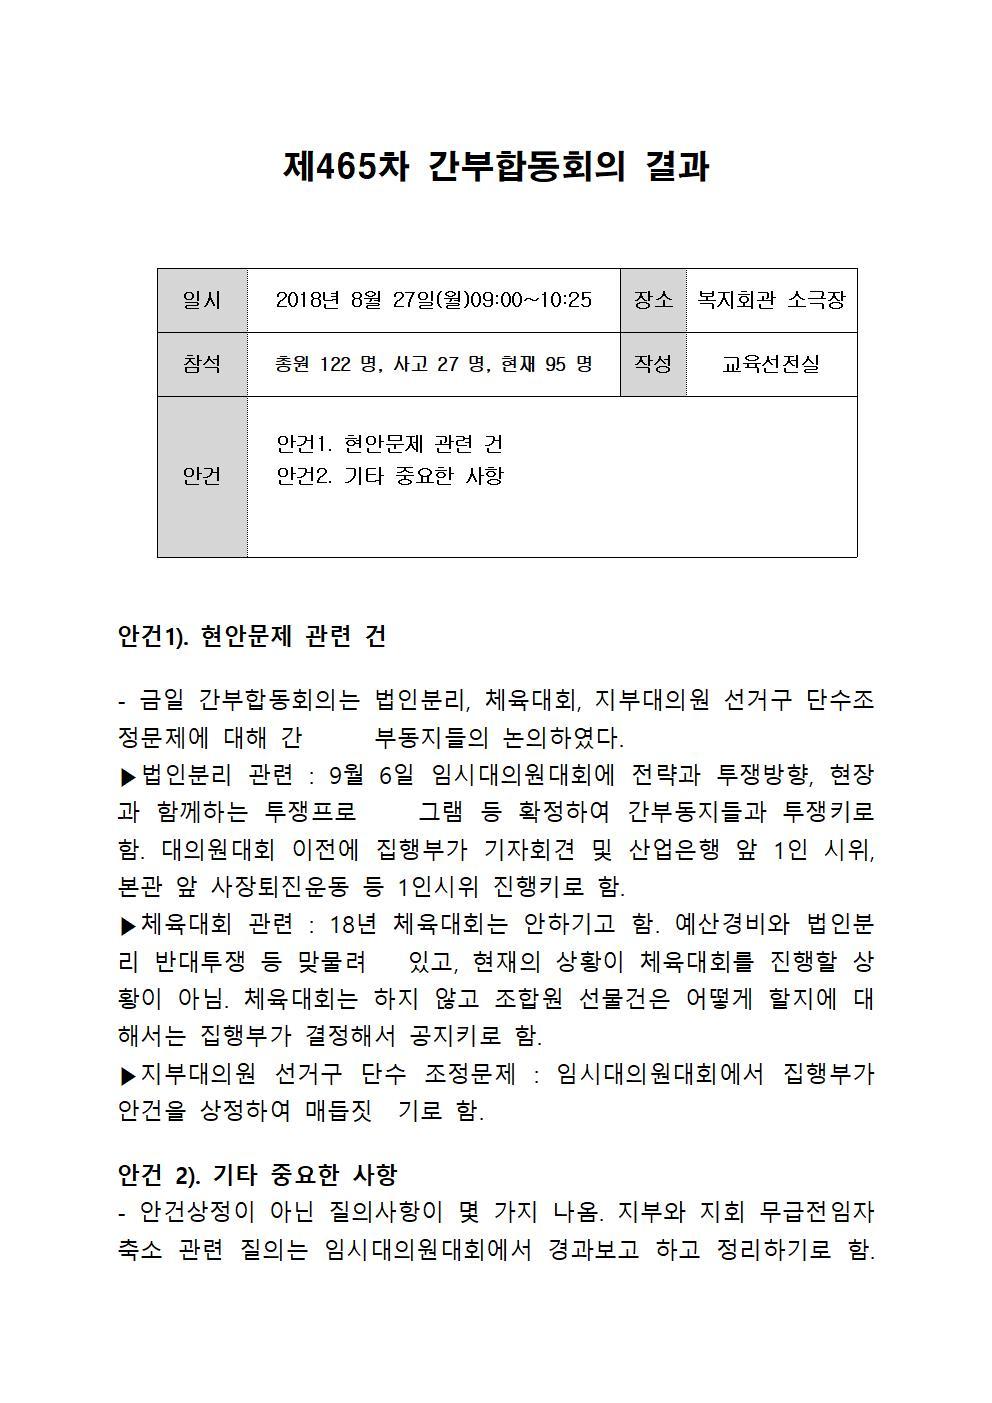 제465차간부합동회의결과001.jpg